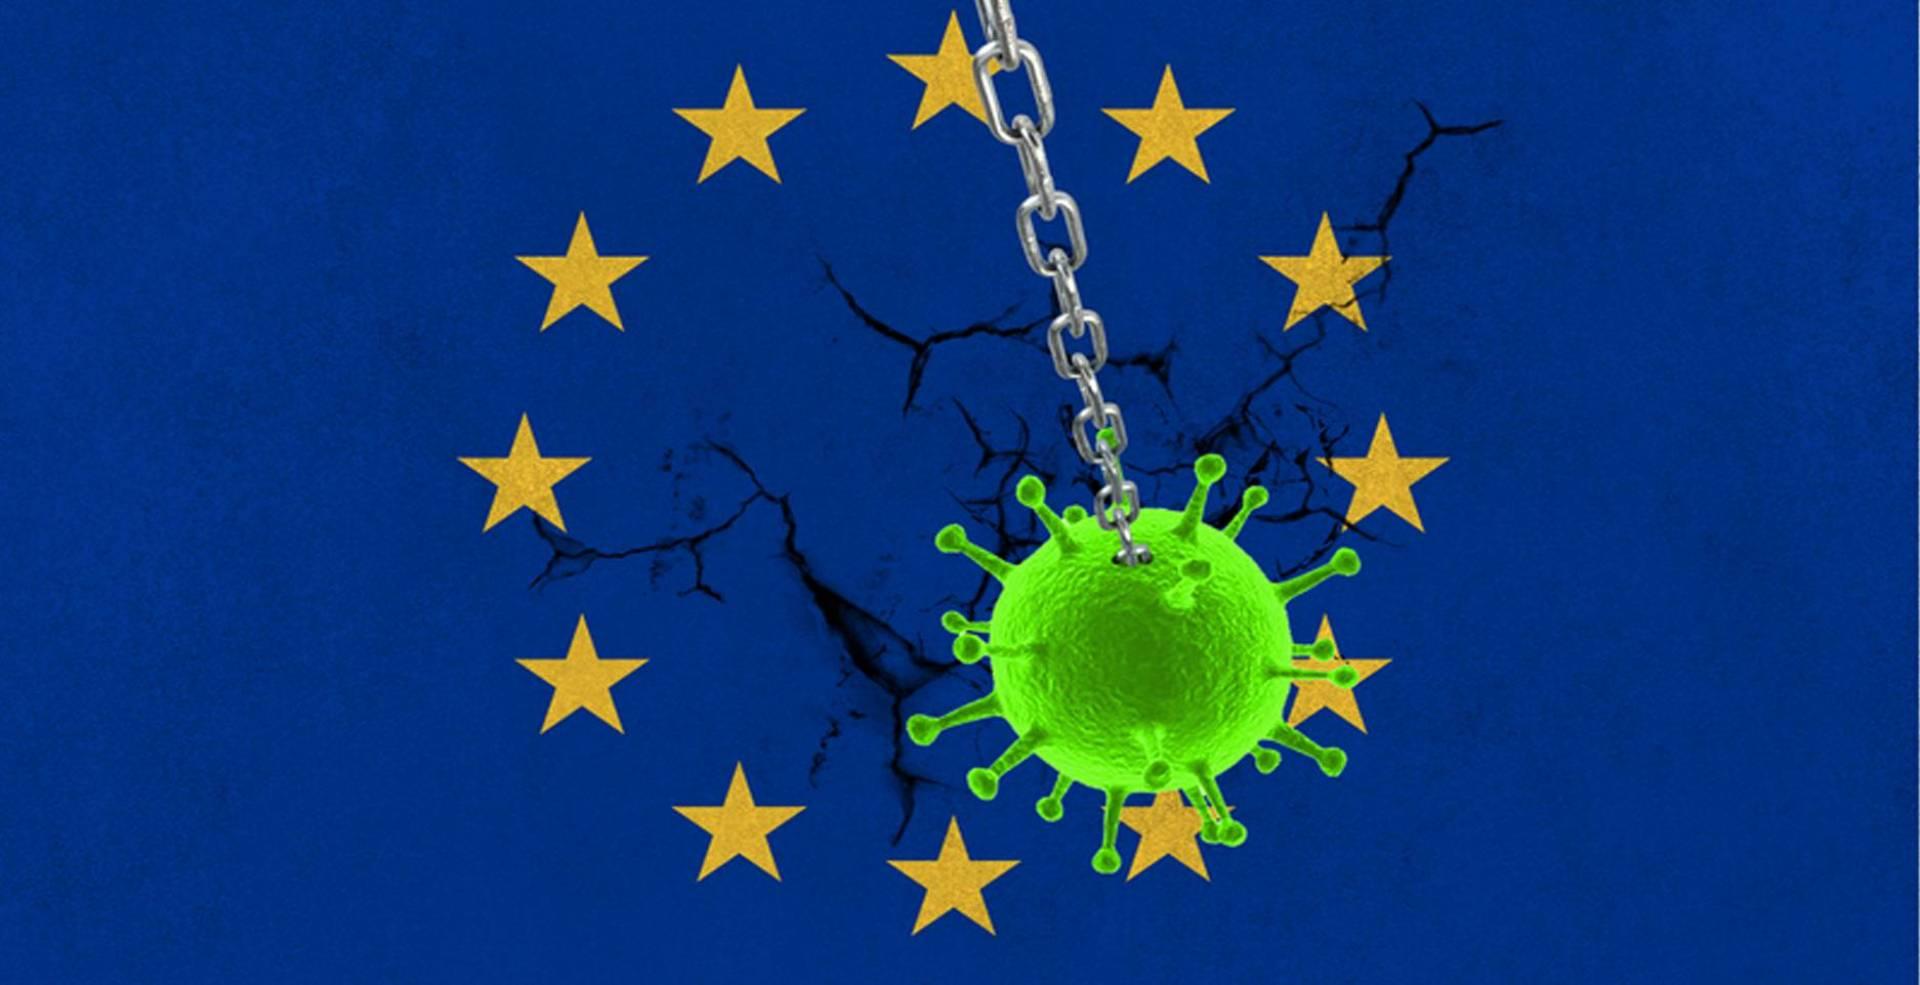 «الصحة» العالمية: نتوقع ارتفاع عدد الوفيات بكورونا في أوروبا خلال الشهرين المقبلين